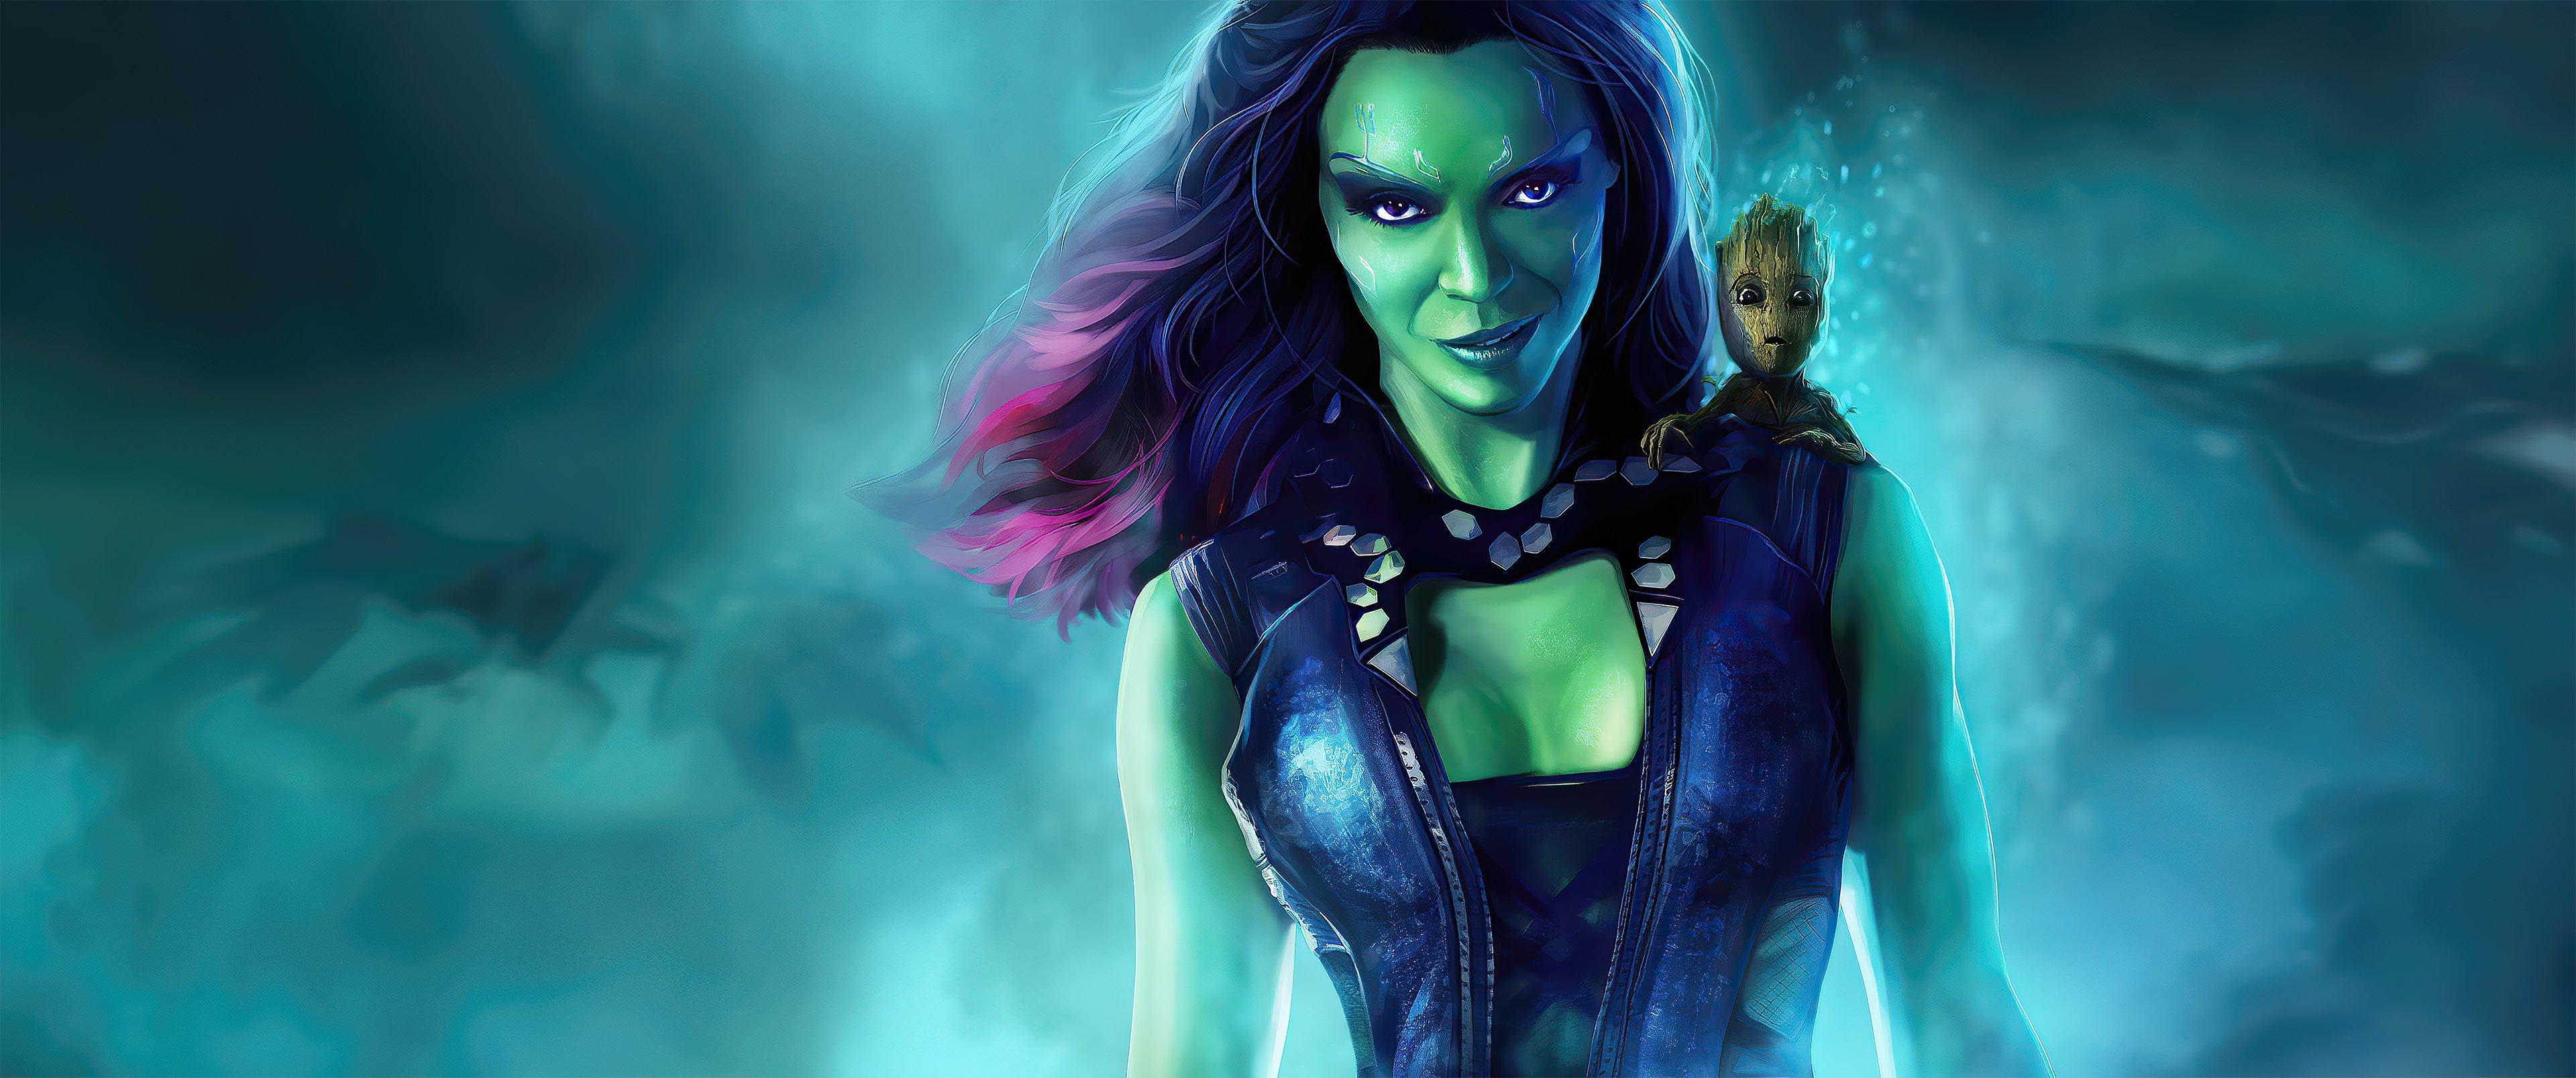 Fondos de pantalla Gamora con Groot bebé de Guardianes de la Galaxia